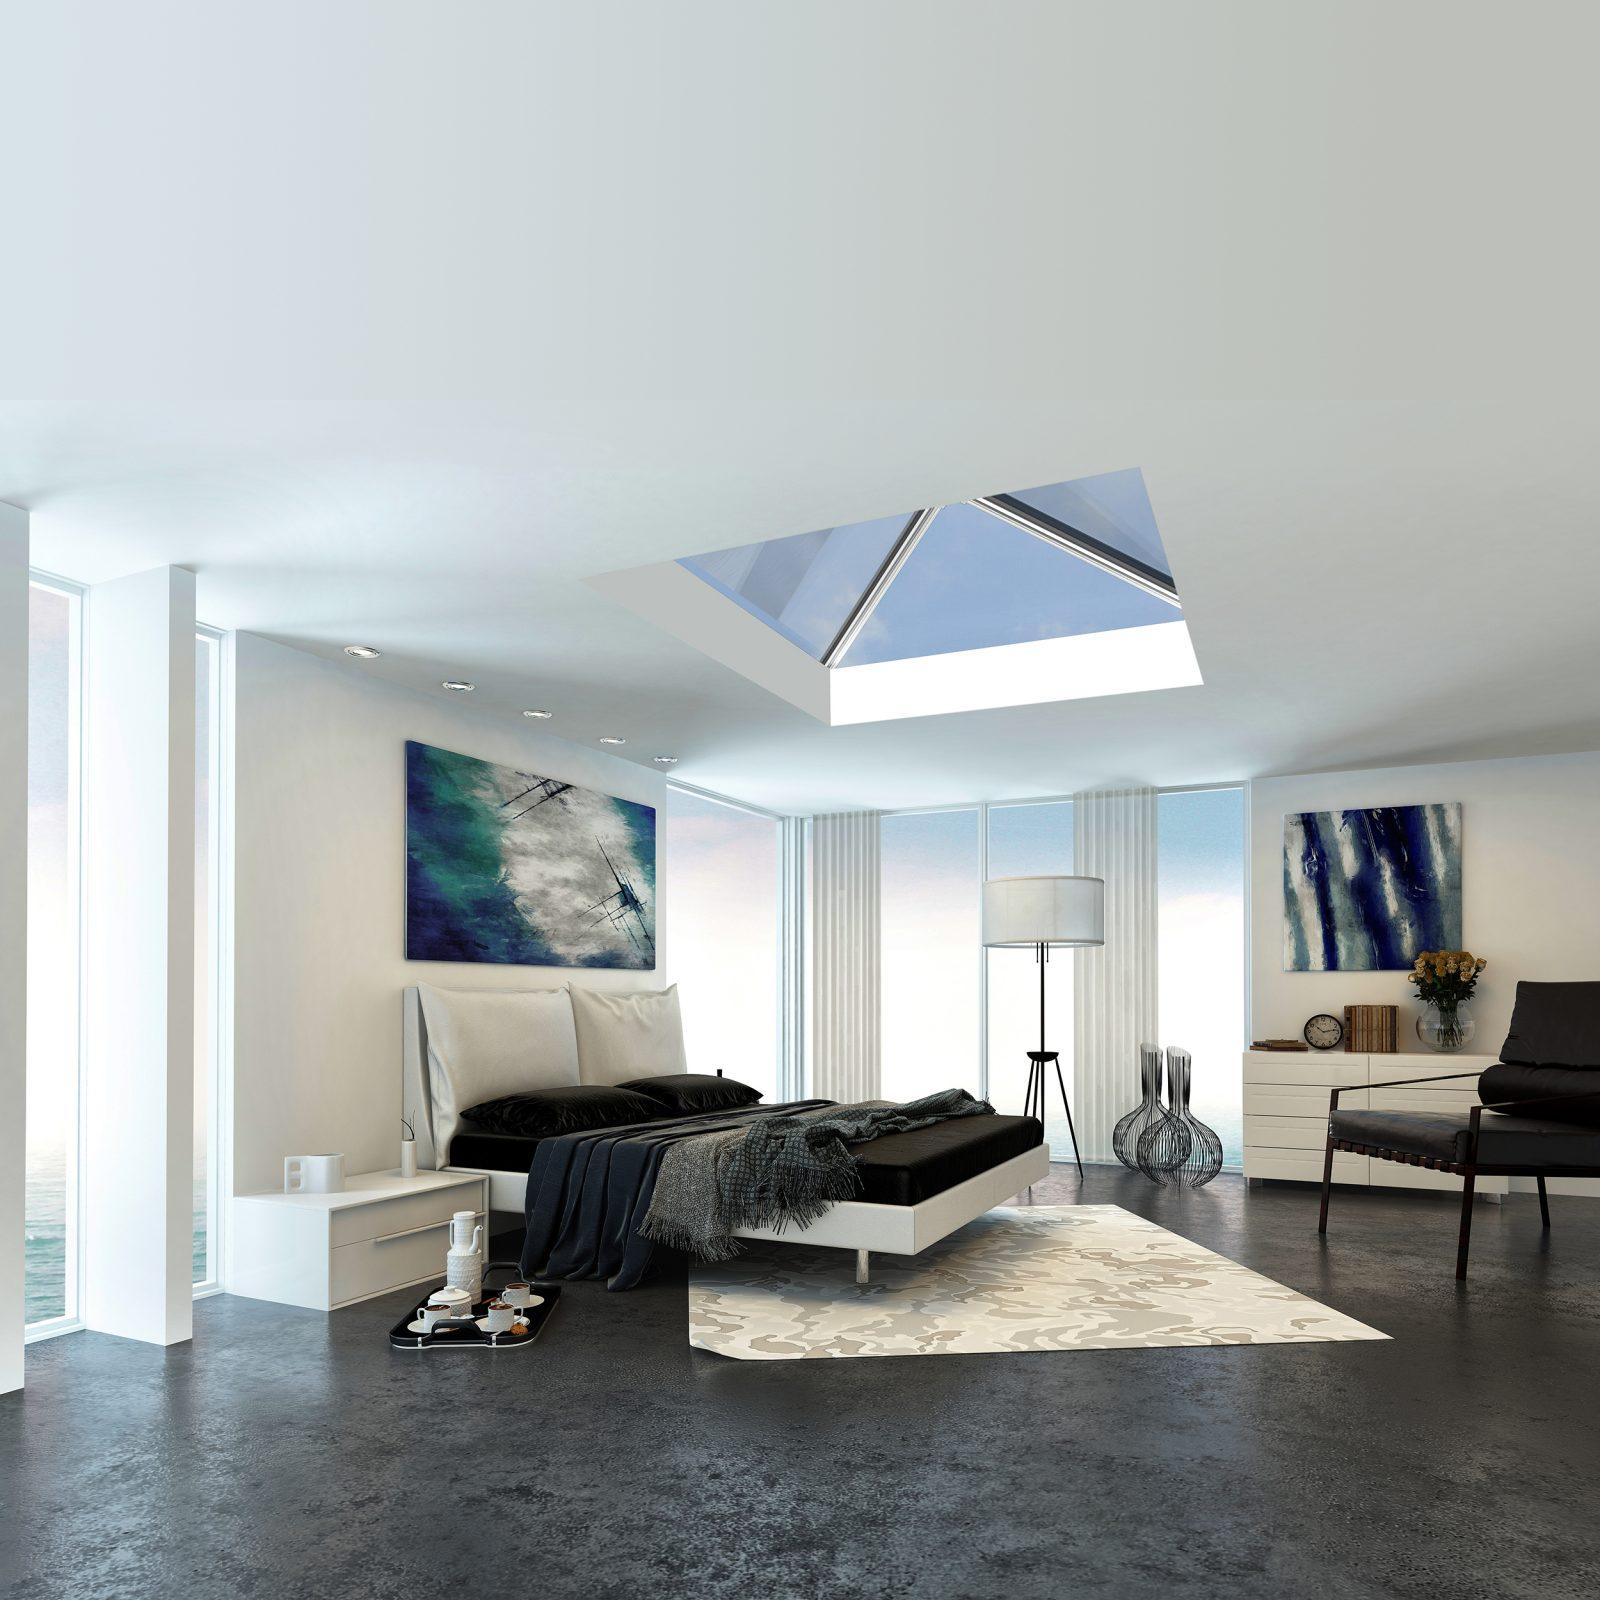 Ultrasky Roof Lantern Turkington Windows